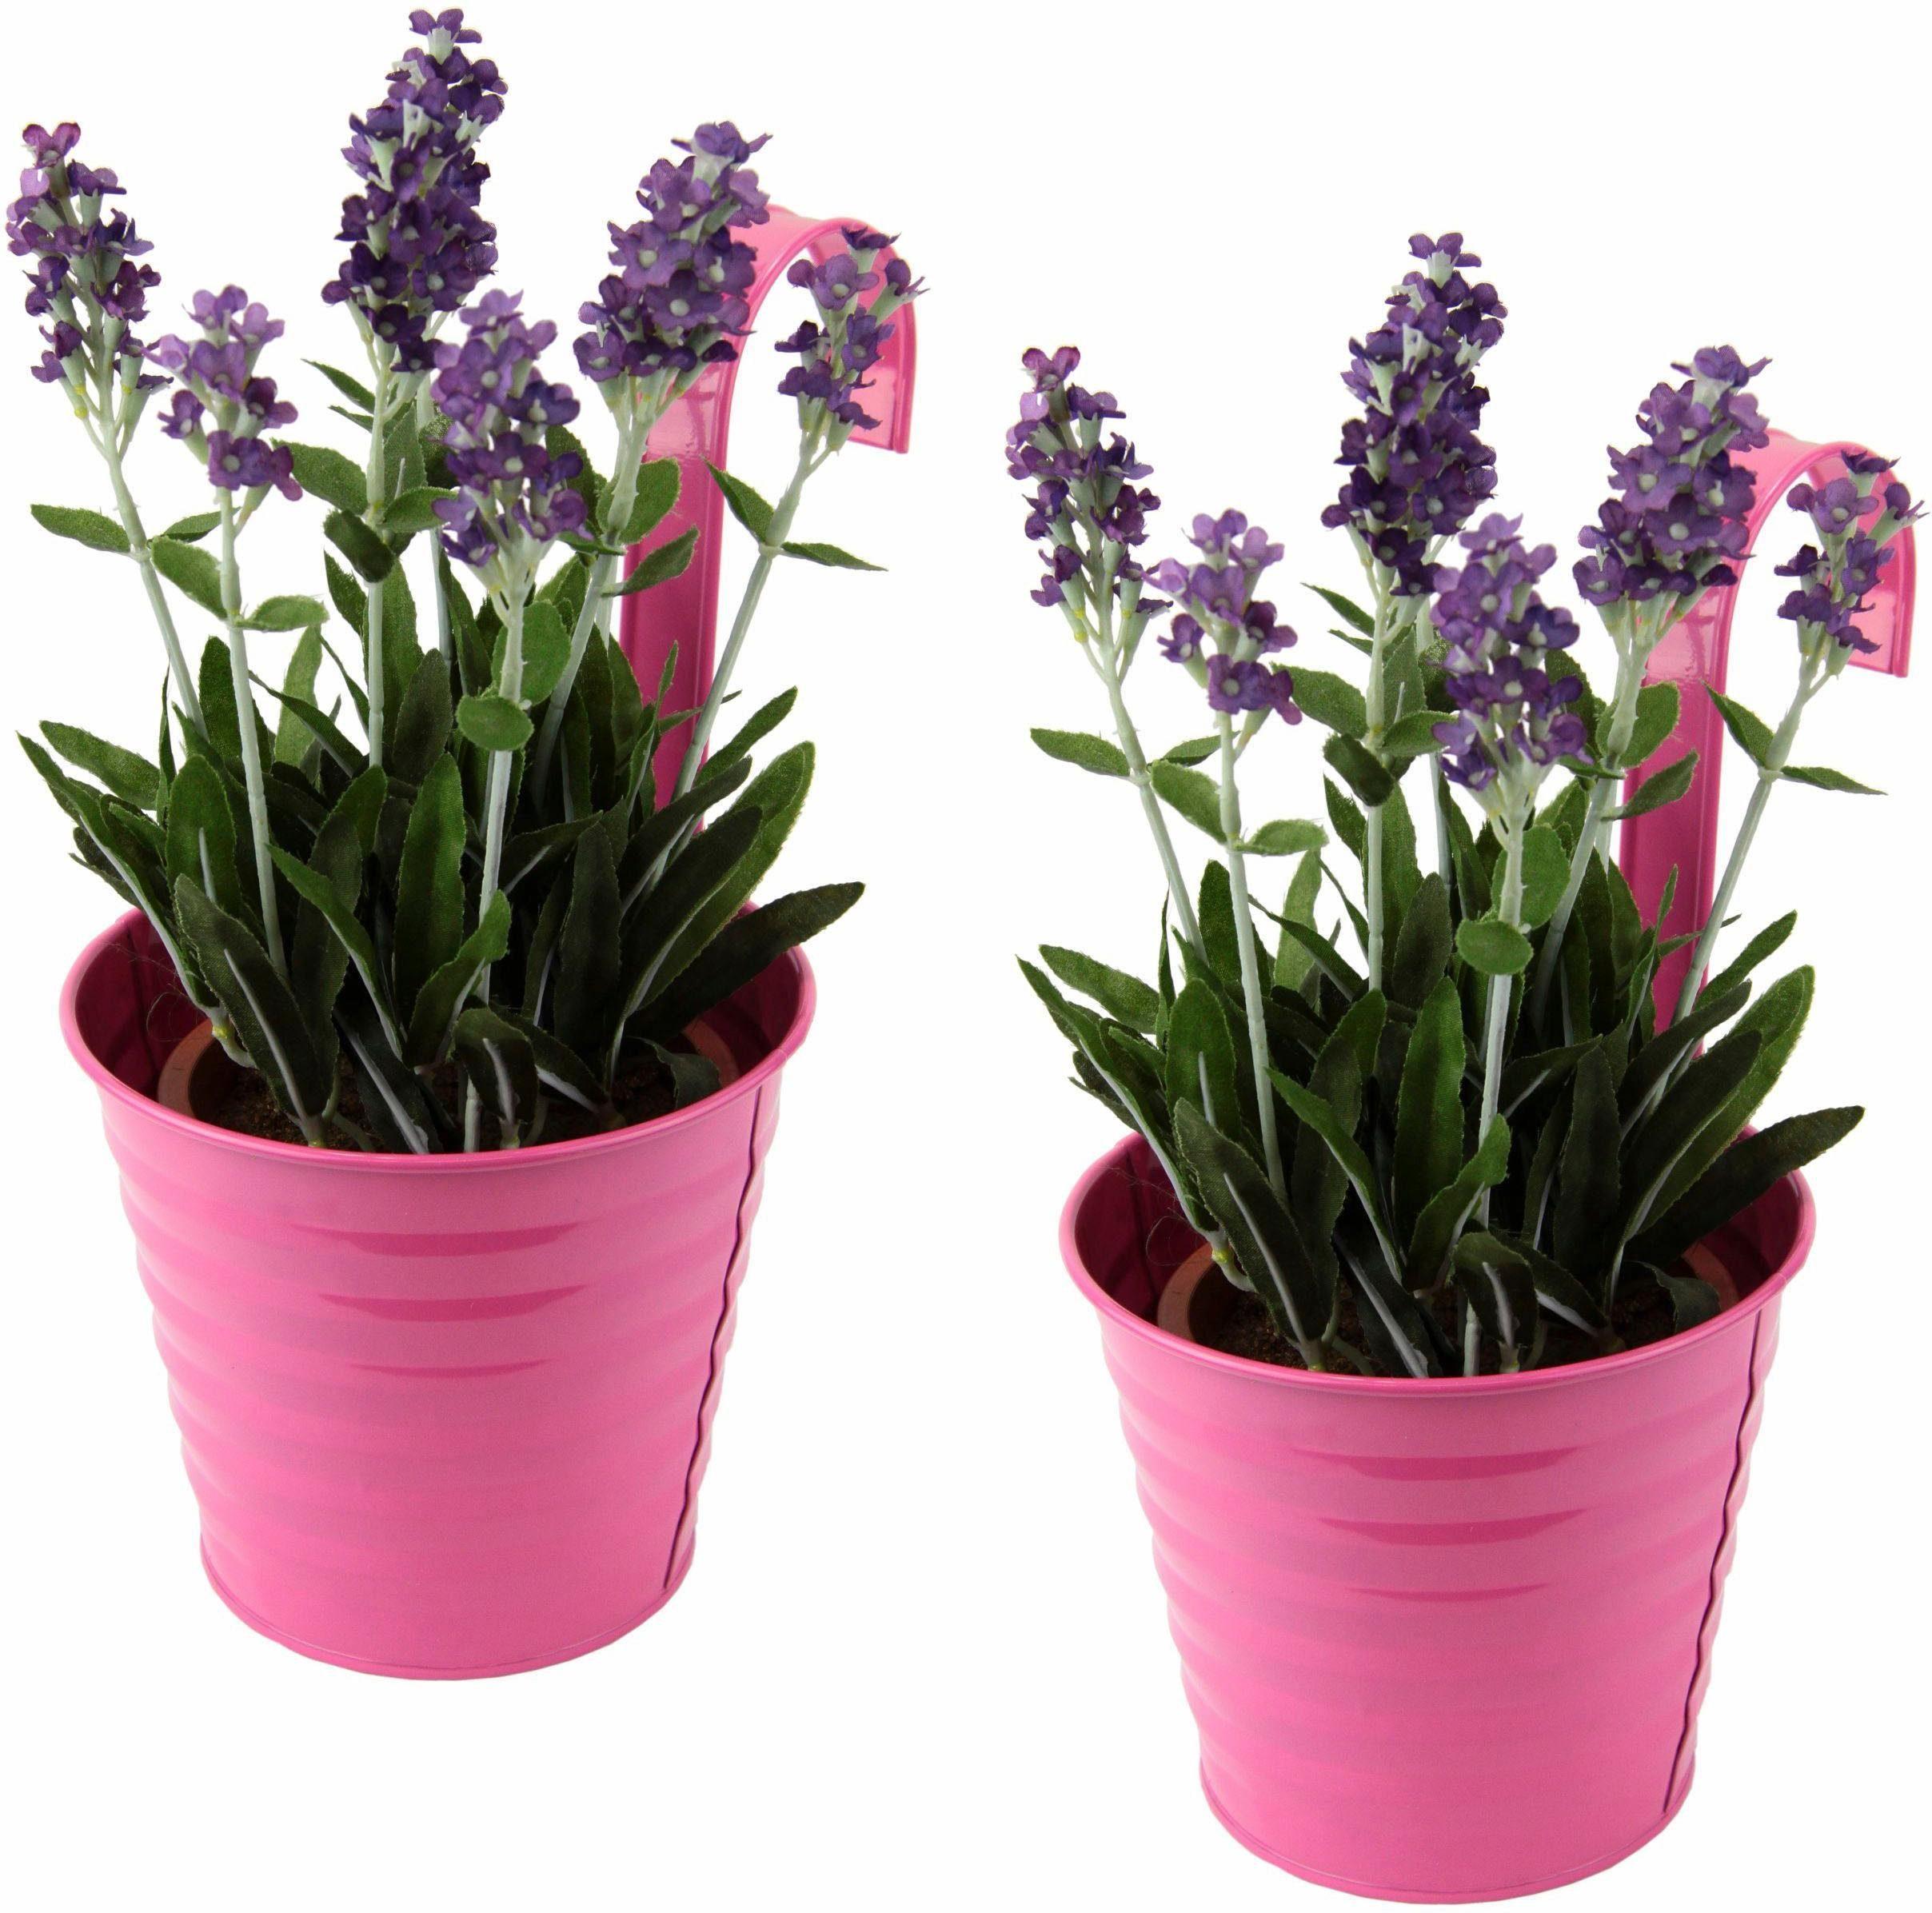 Home affaire Kunstblume »Lavendel« im Metll-Topf (2 Stck.)